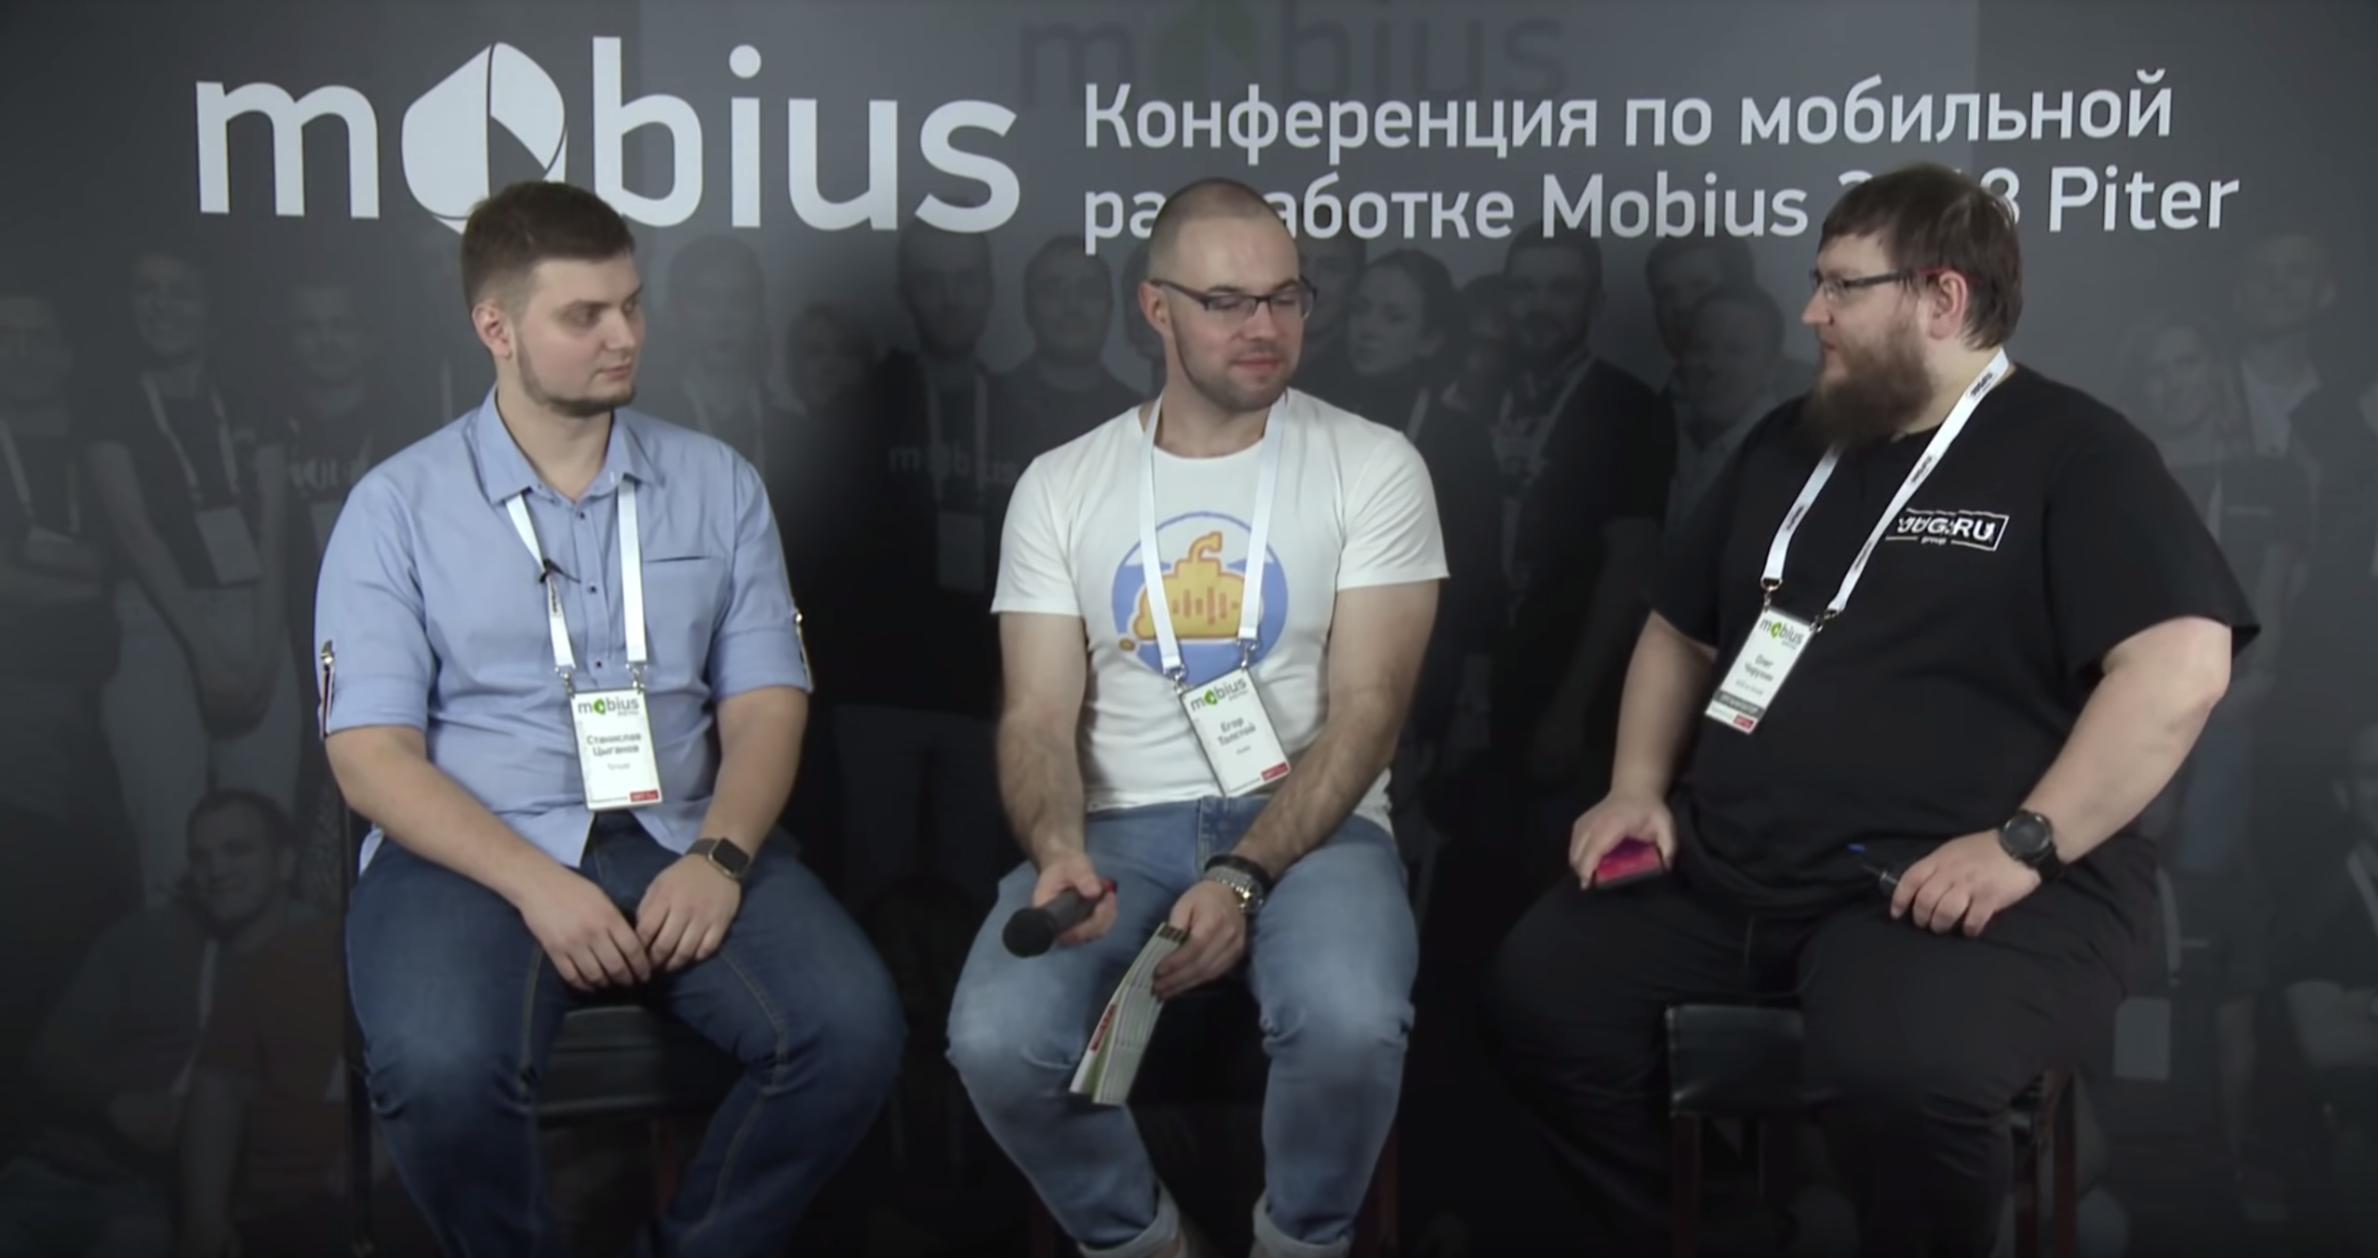 От дополненной реальности до Kotlin: как прошёл Mobius 2018 Piter - 16